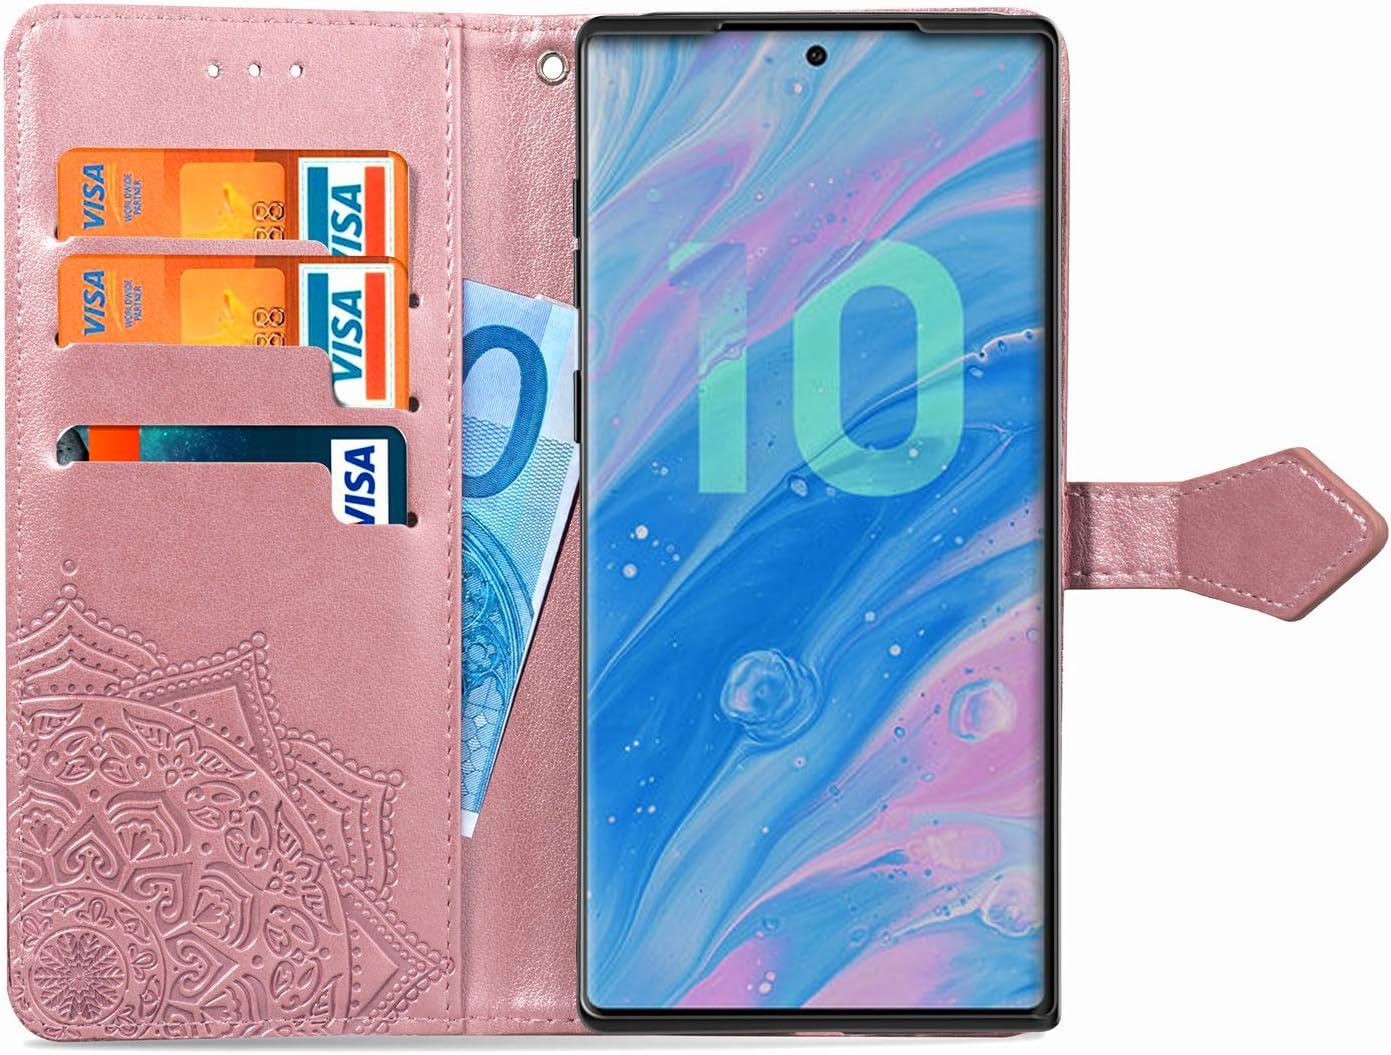 Note 10 Plus Lomogo Galaxy Note 10+ Schutzh/ülle Brieftasche mit Kartenfach Klappbar Magnetisch Sto/ßfest Handyh/ülle Case f/ür Samsung Galaxy Note10+ 5G H/ülle Leder LOSDA020427 Rosa Gold